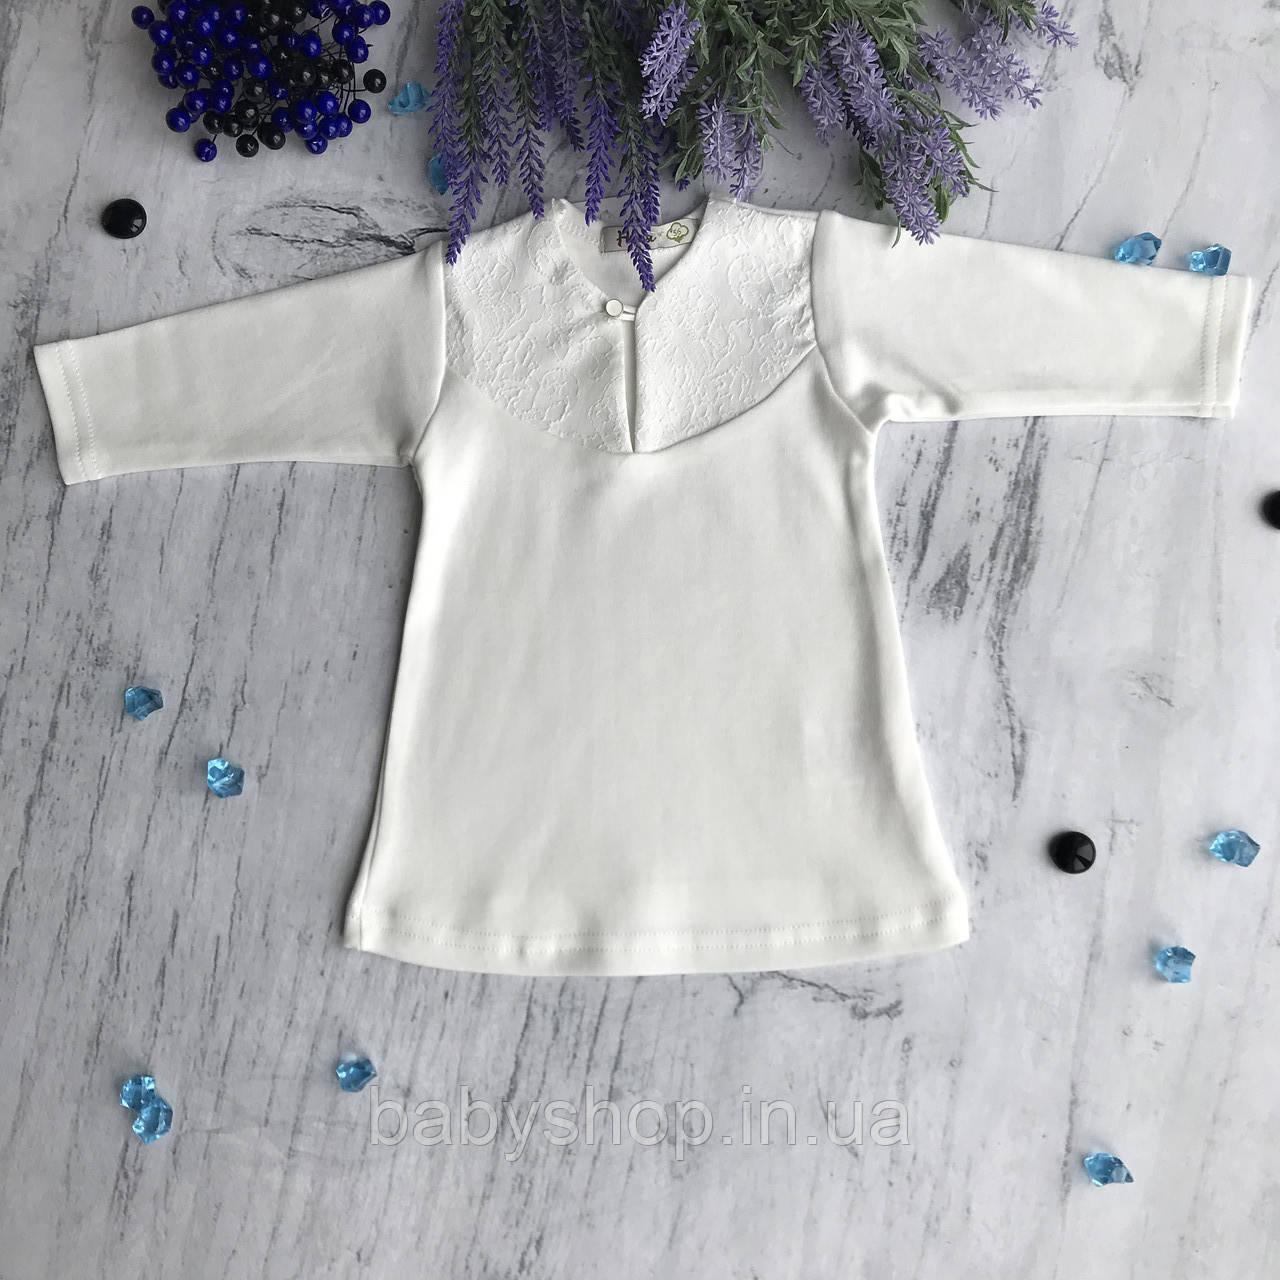 Крестильная рубаха на мальчика и девочку 2. Размер 56 см, 62 см, 68 см